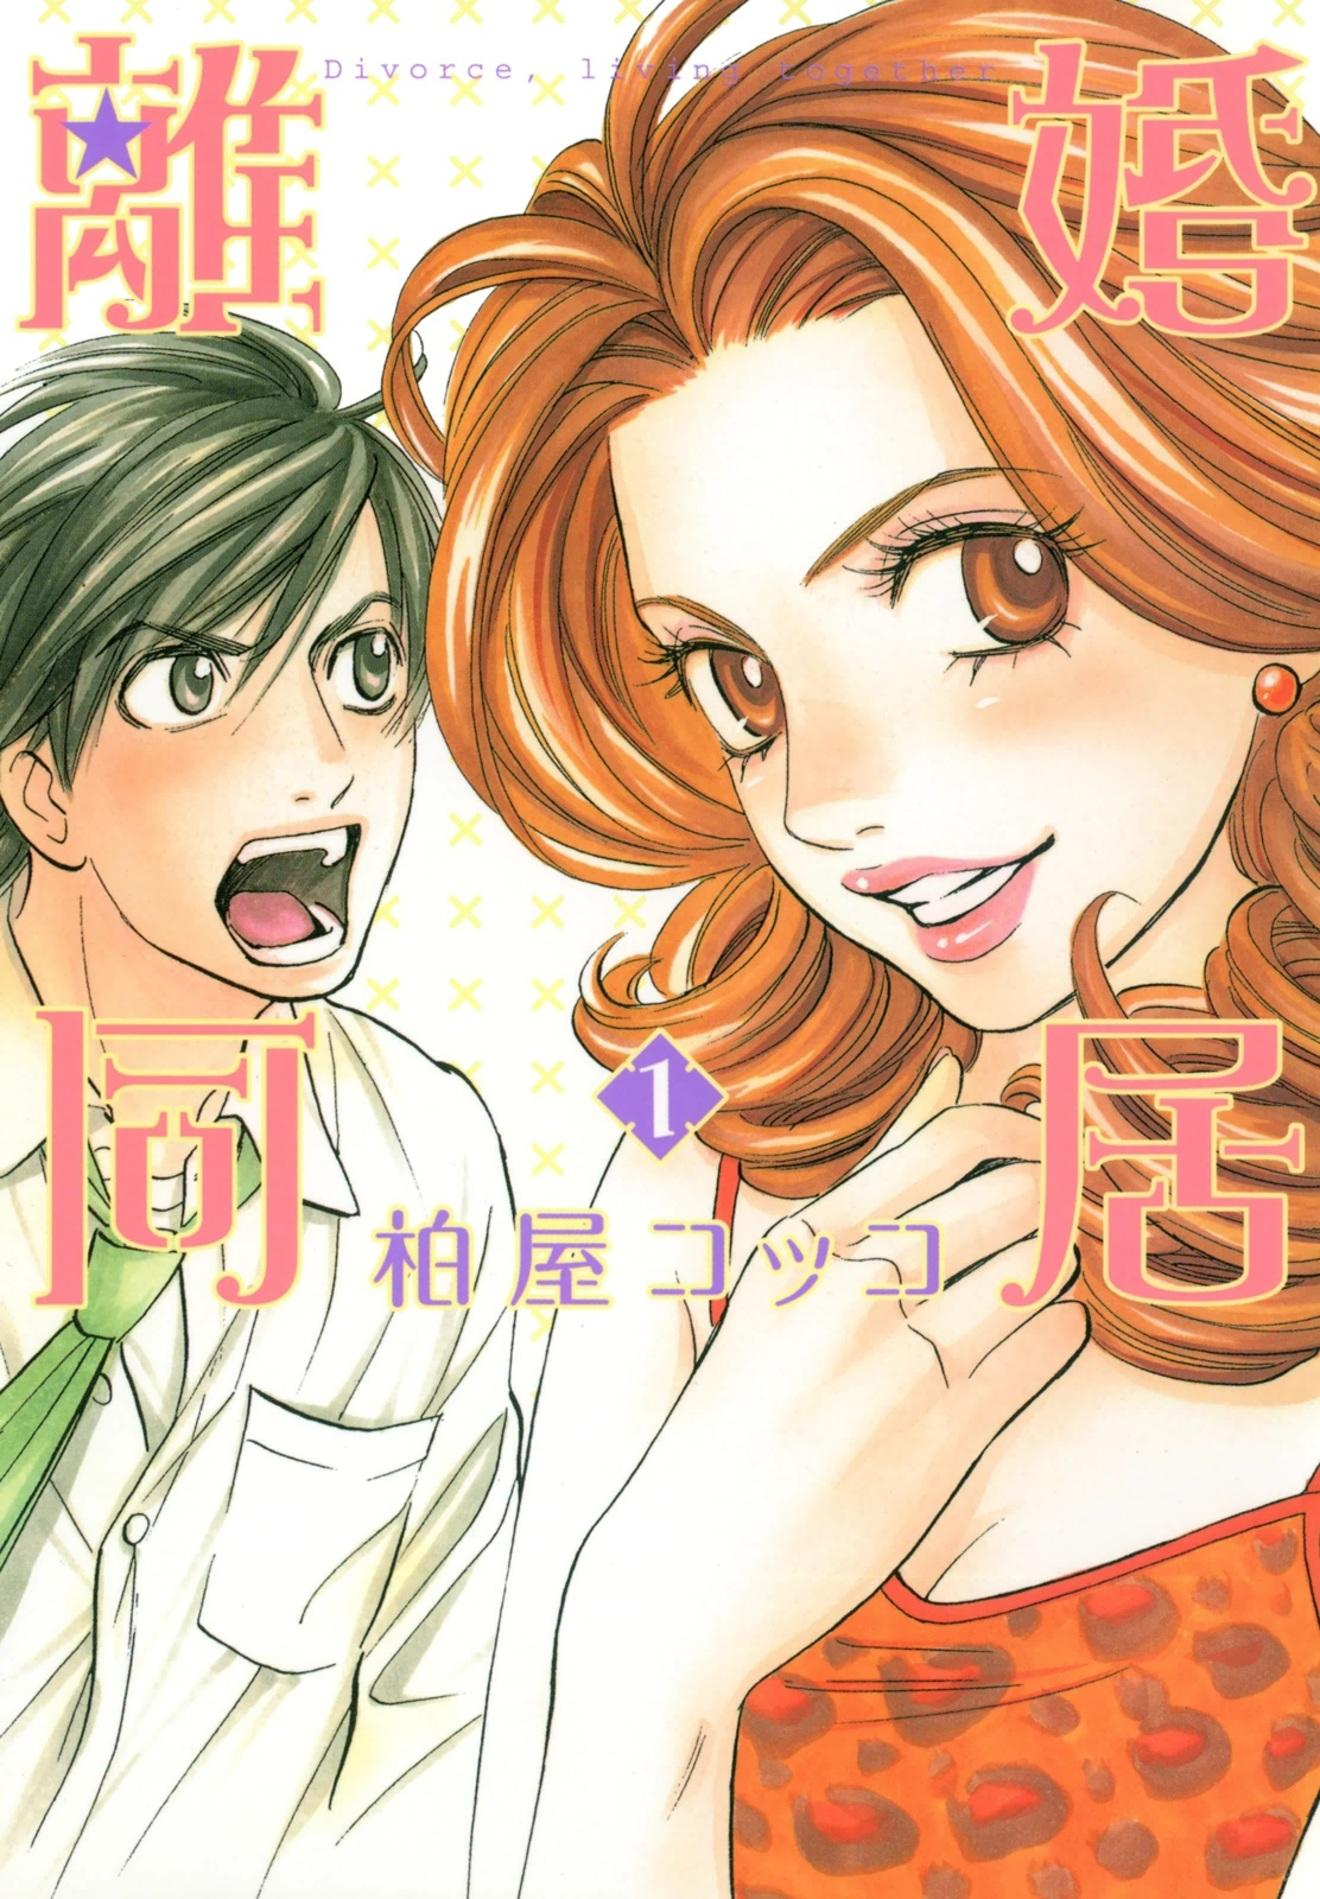 漫画『離婚同居』無料連載 1回目!まさかの展開から始まる物語をネタバレ!